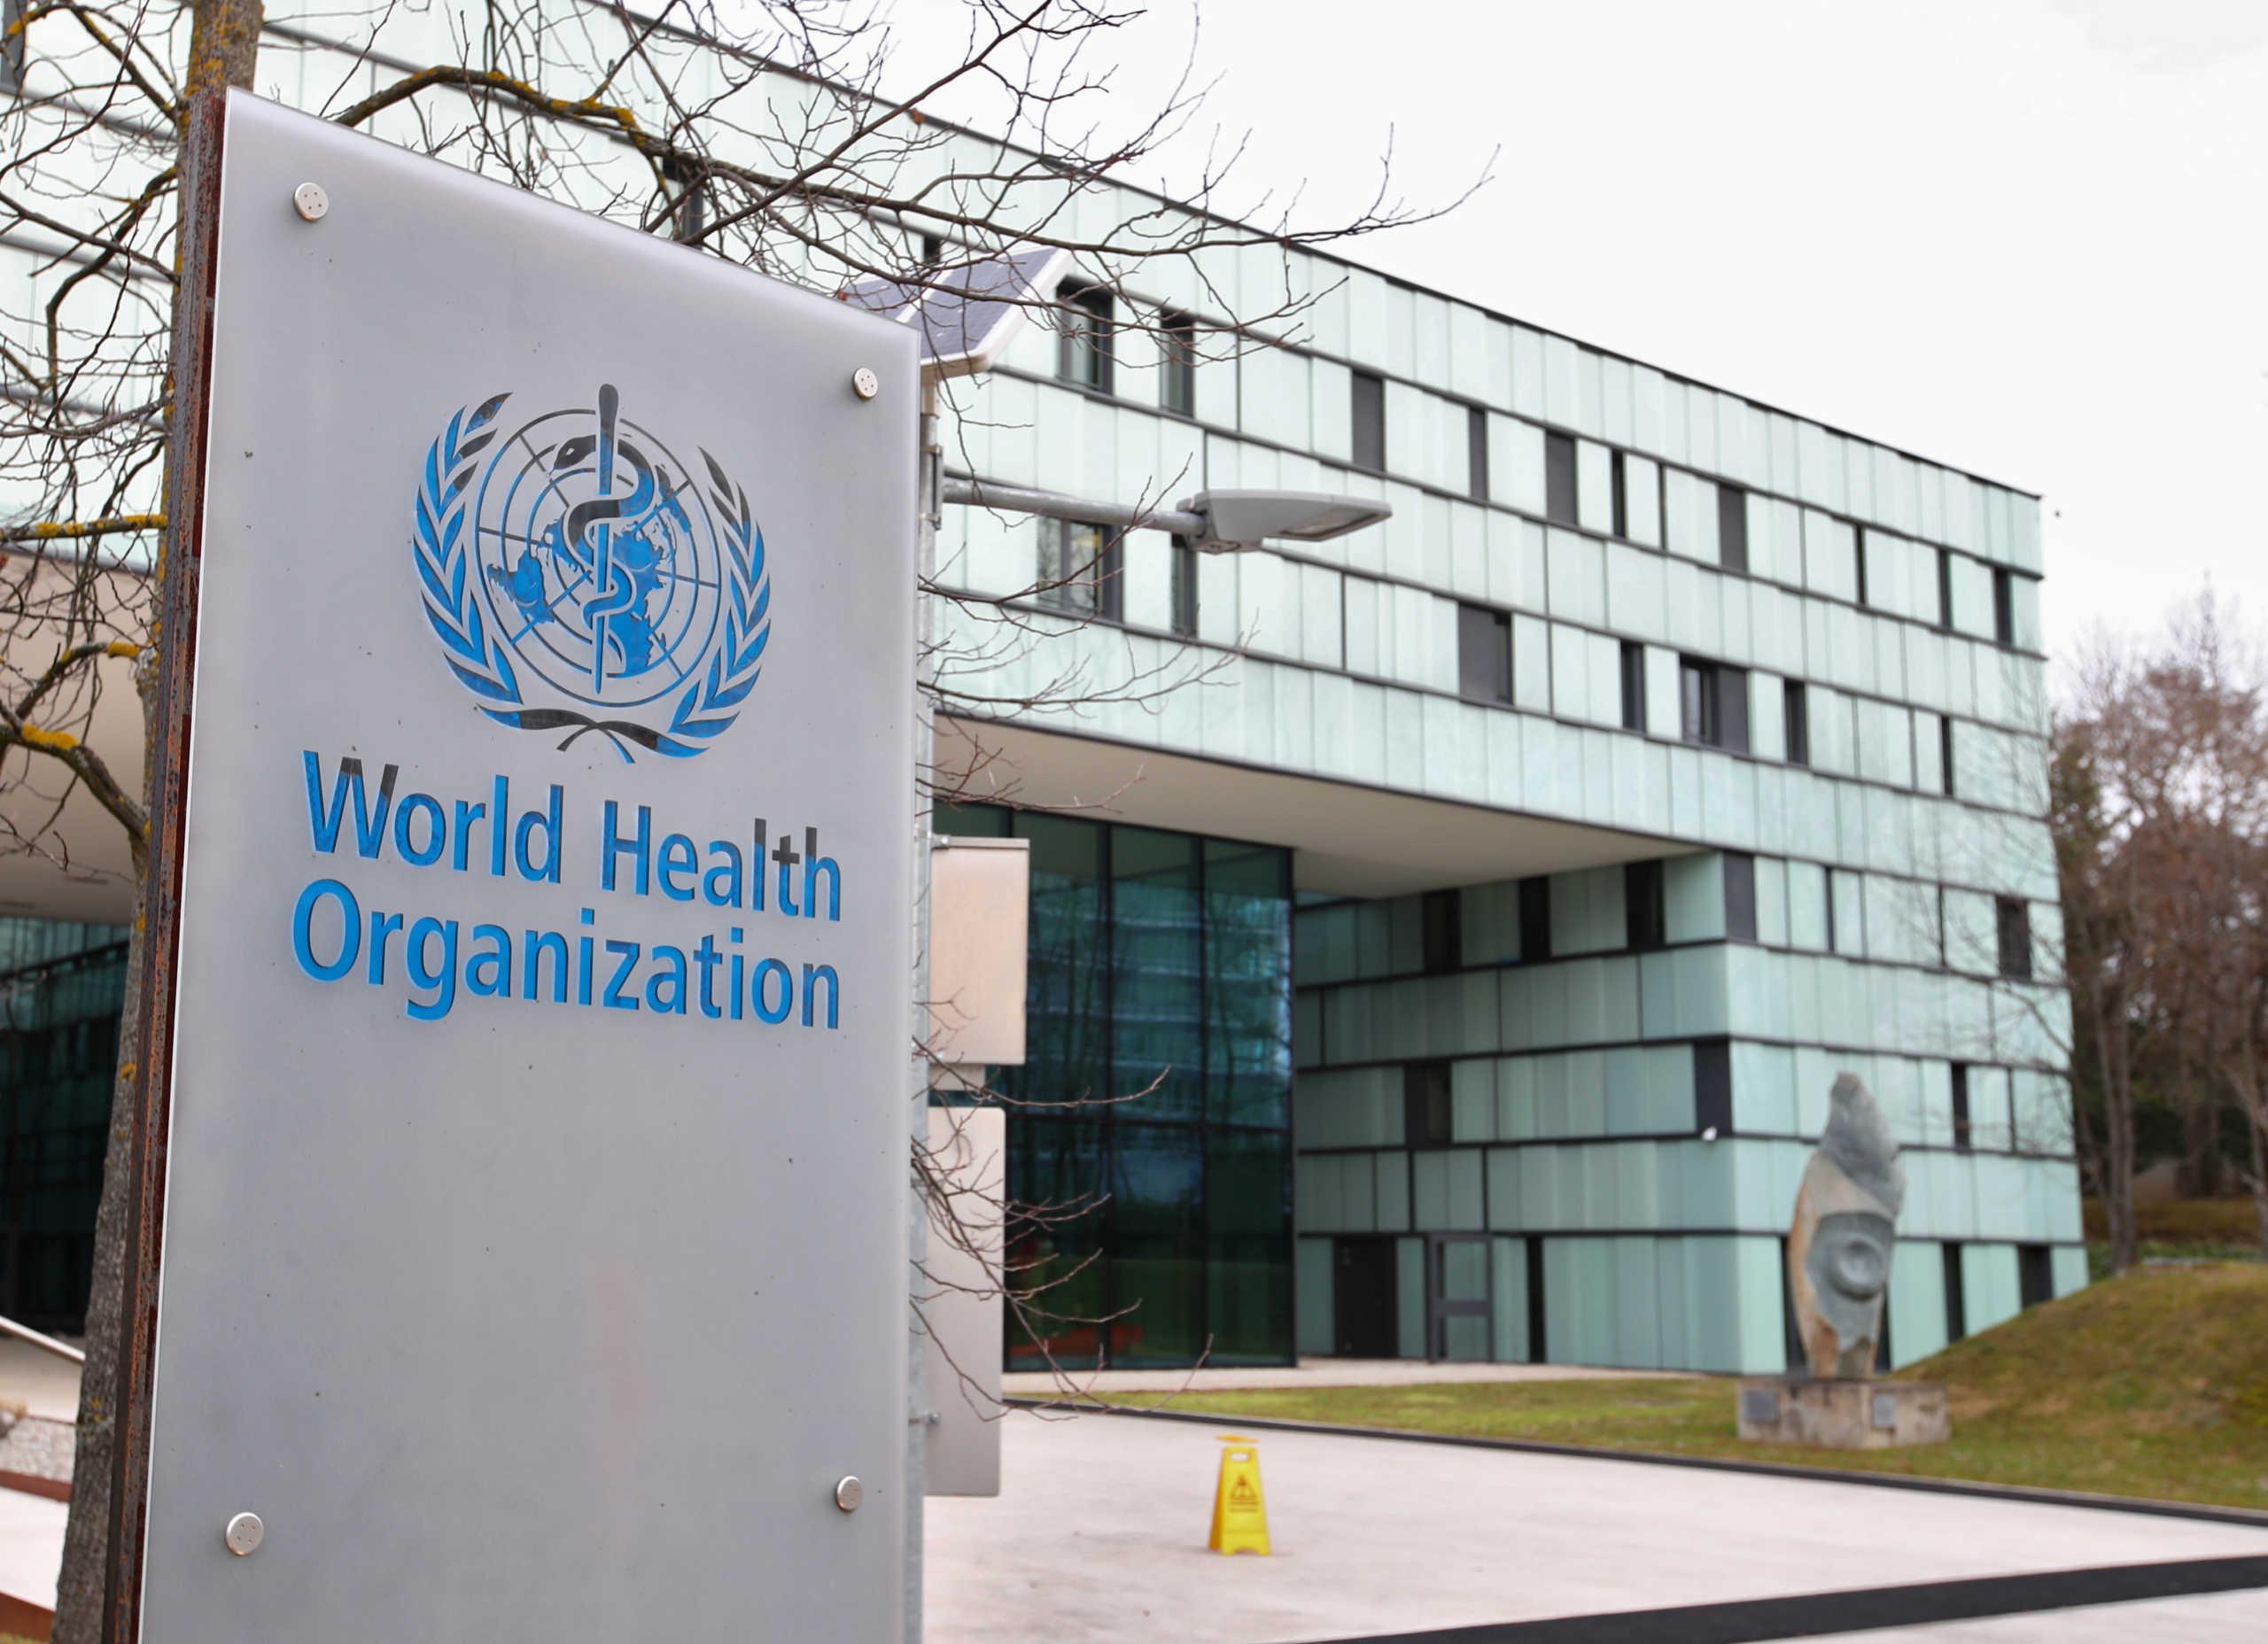 Κορονοϊός: Έκκληση ΠΟΥ για δίκαιη διανομή των εμβολίων σε όλα τα κράτη